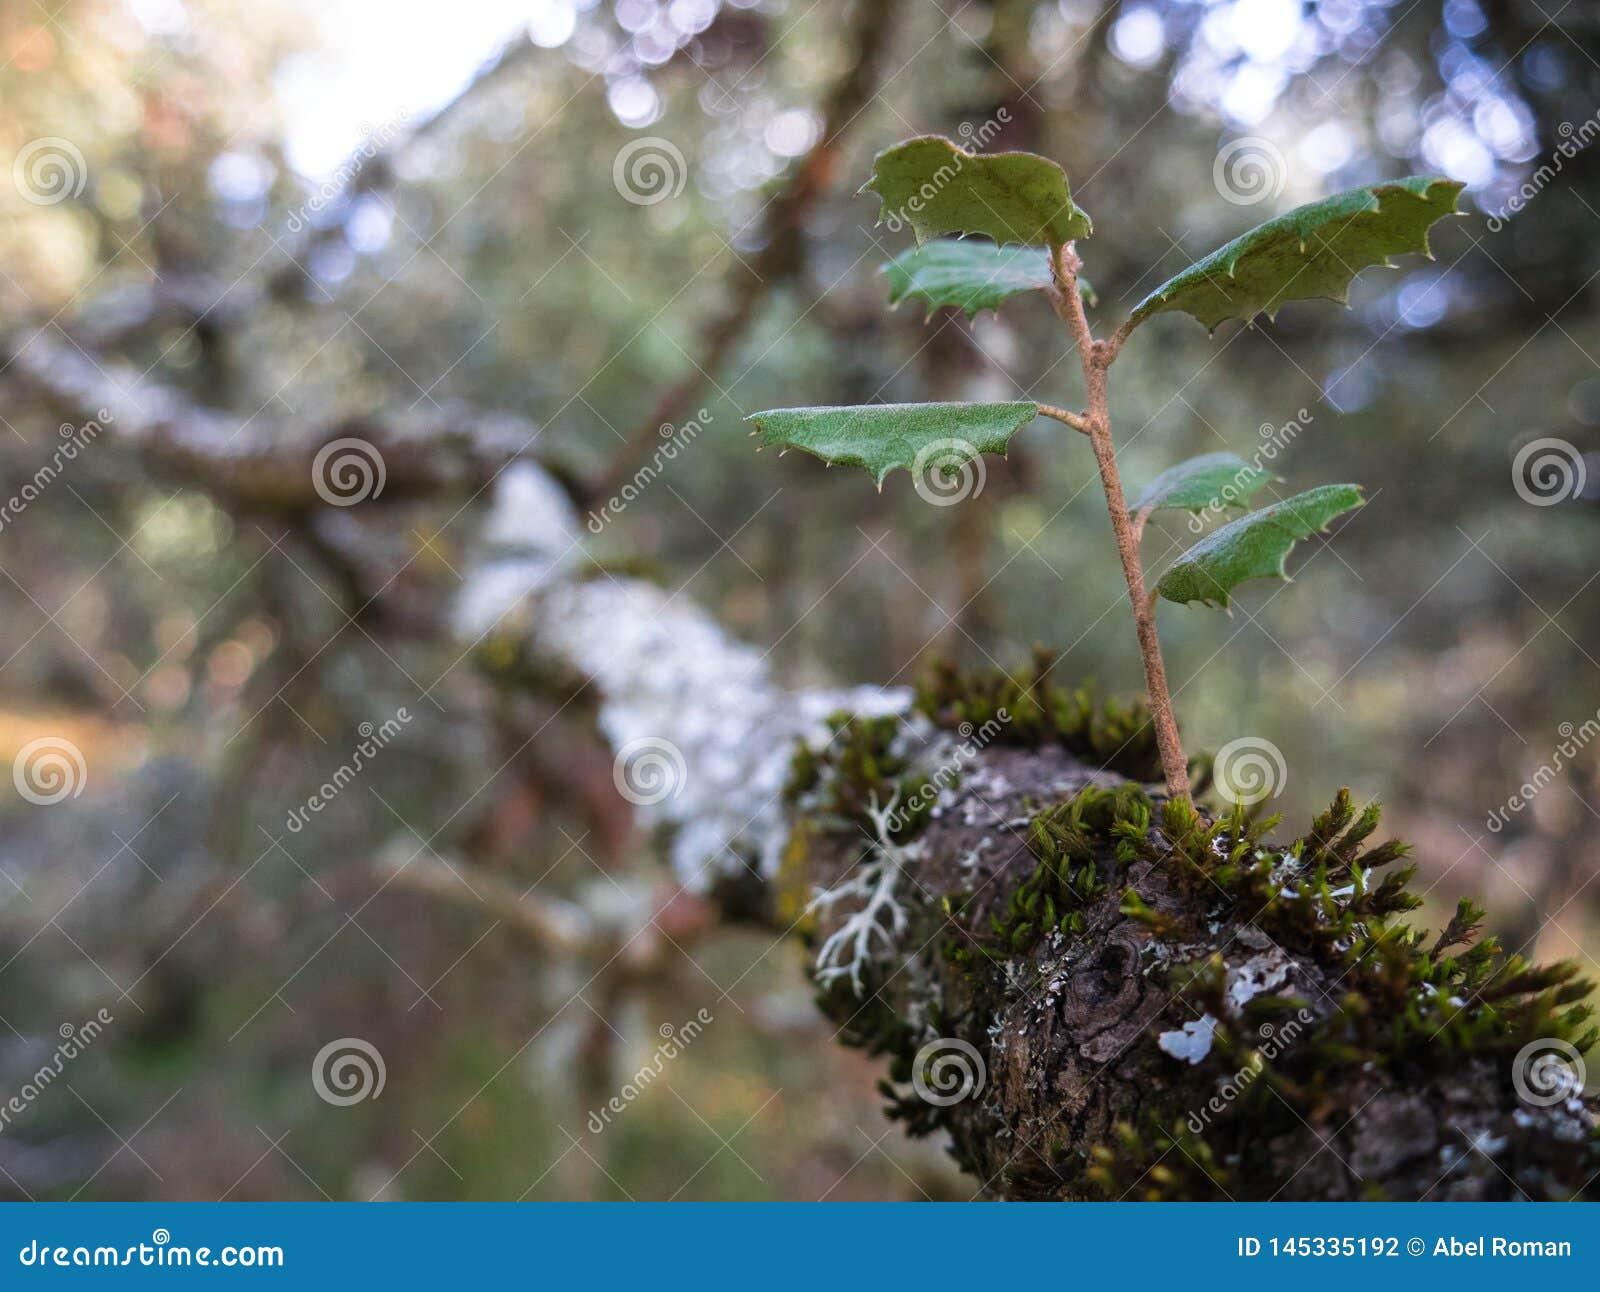 Bosque misterioso, liquenes en ramas de árboles y troncos viejos